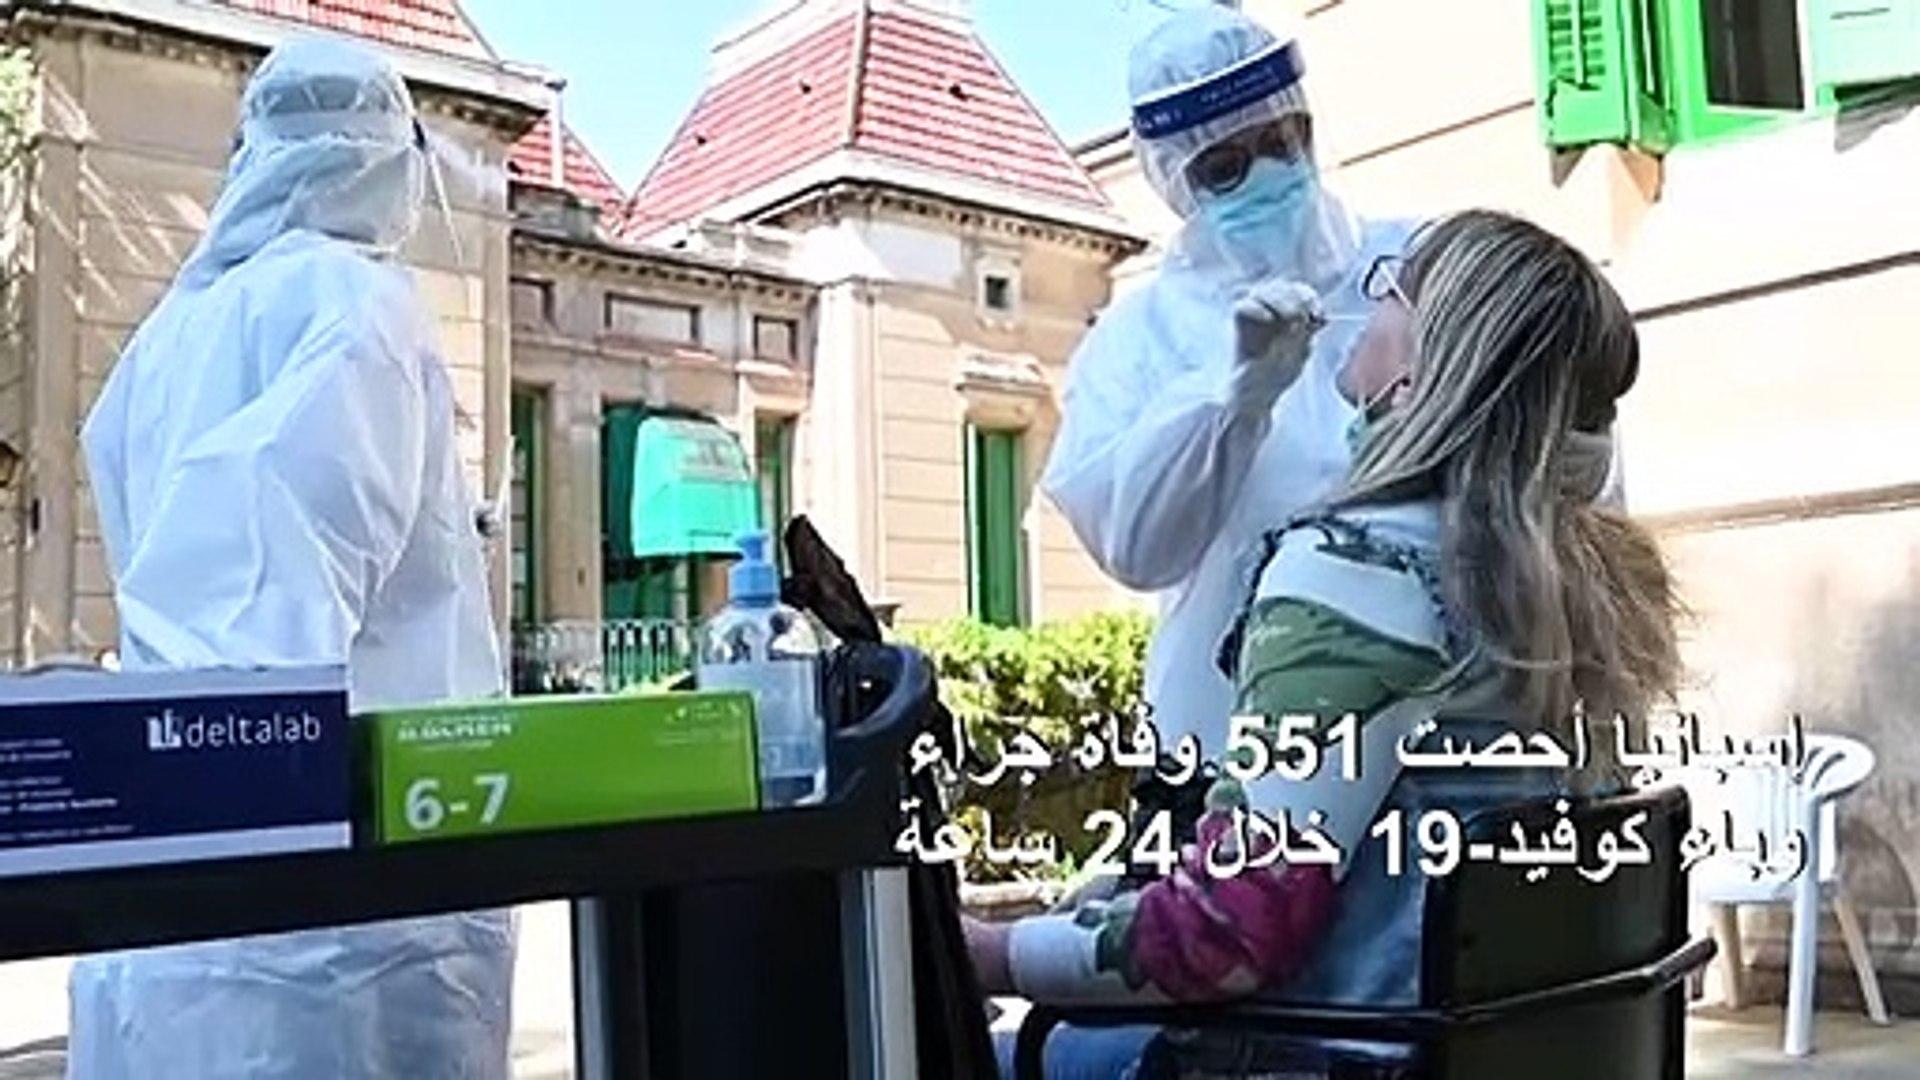 إسبانيا تعلن تسجيل أكثر من 19 ألف وفاة جراء فيروس كورونا المستجدّ